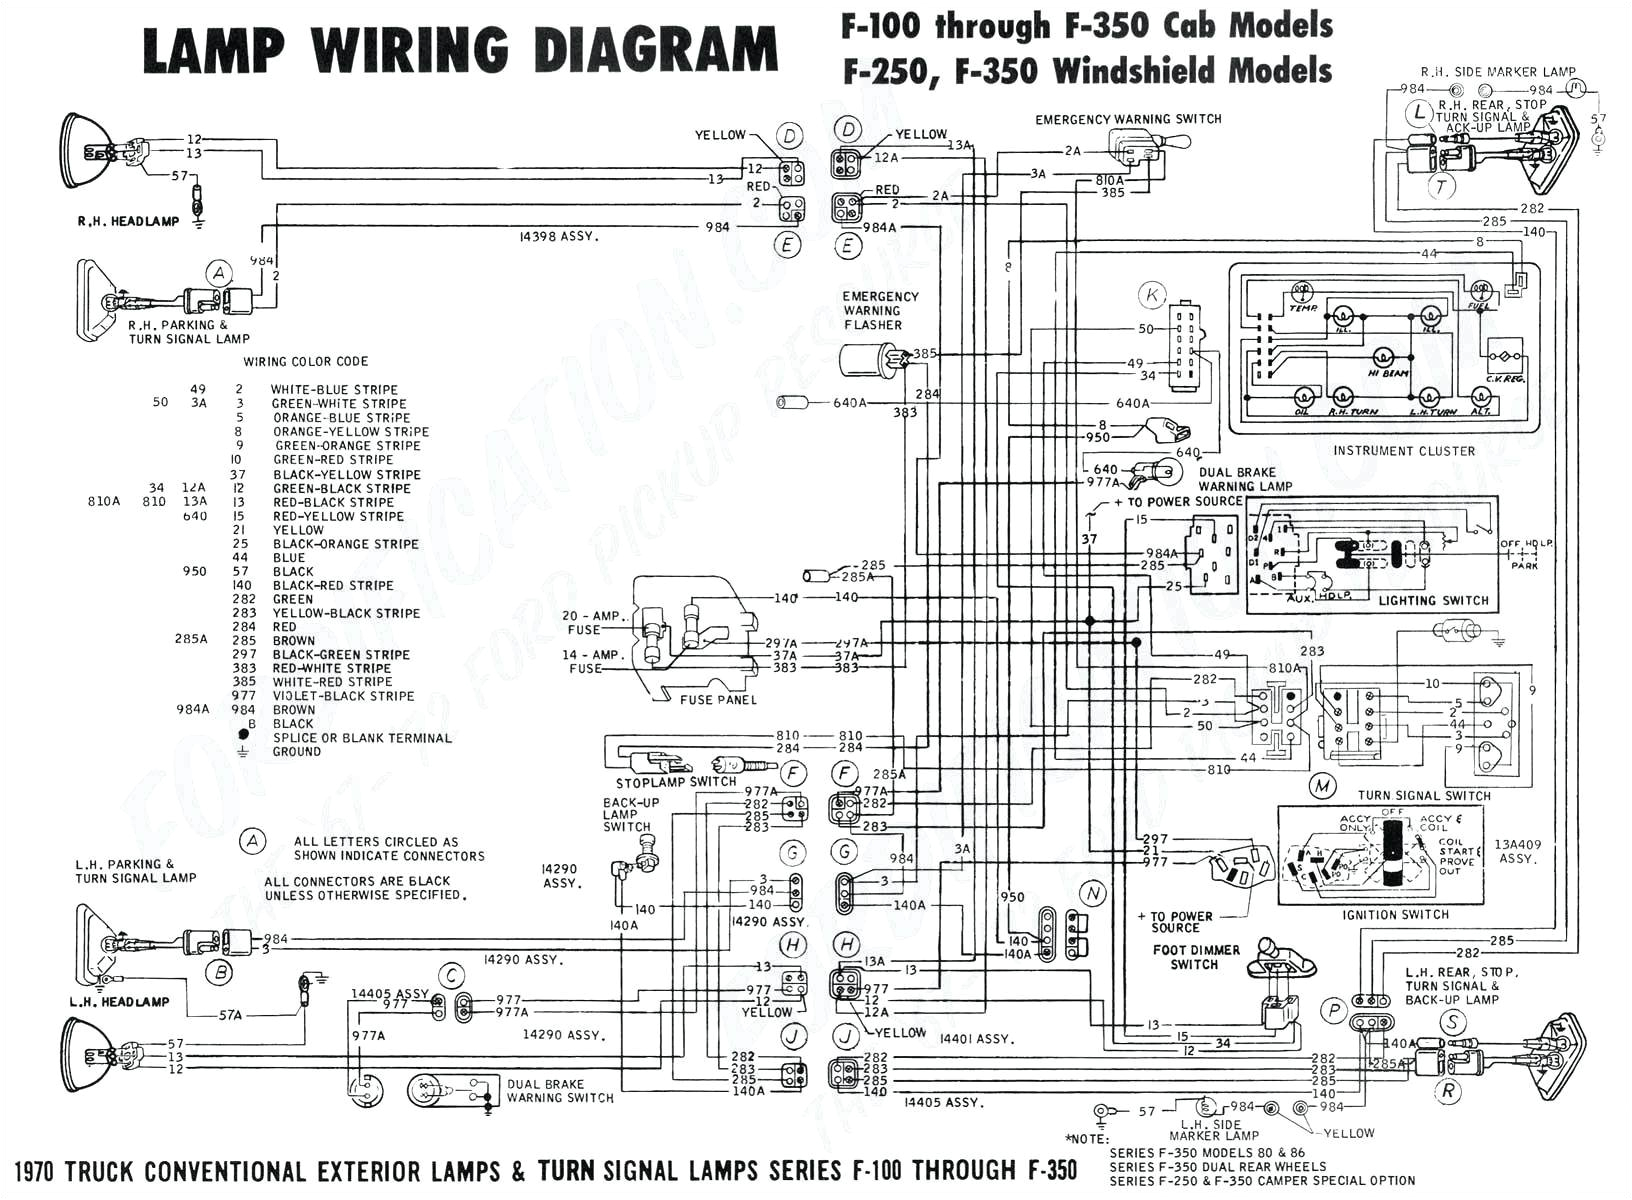 free download guitar wiring schematics wiring diagram expert free download electric guitar wiring harness